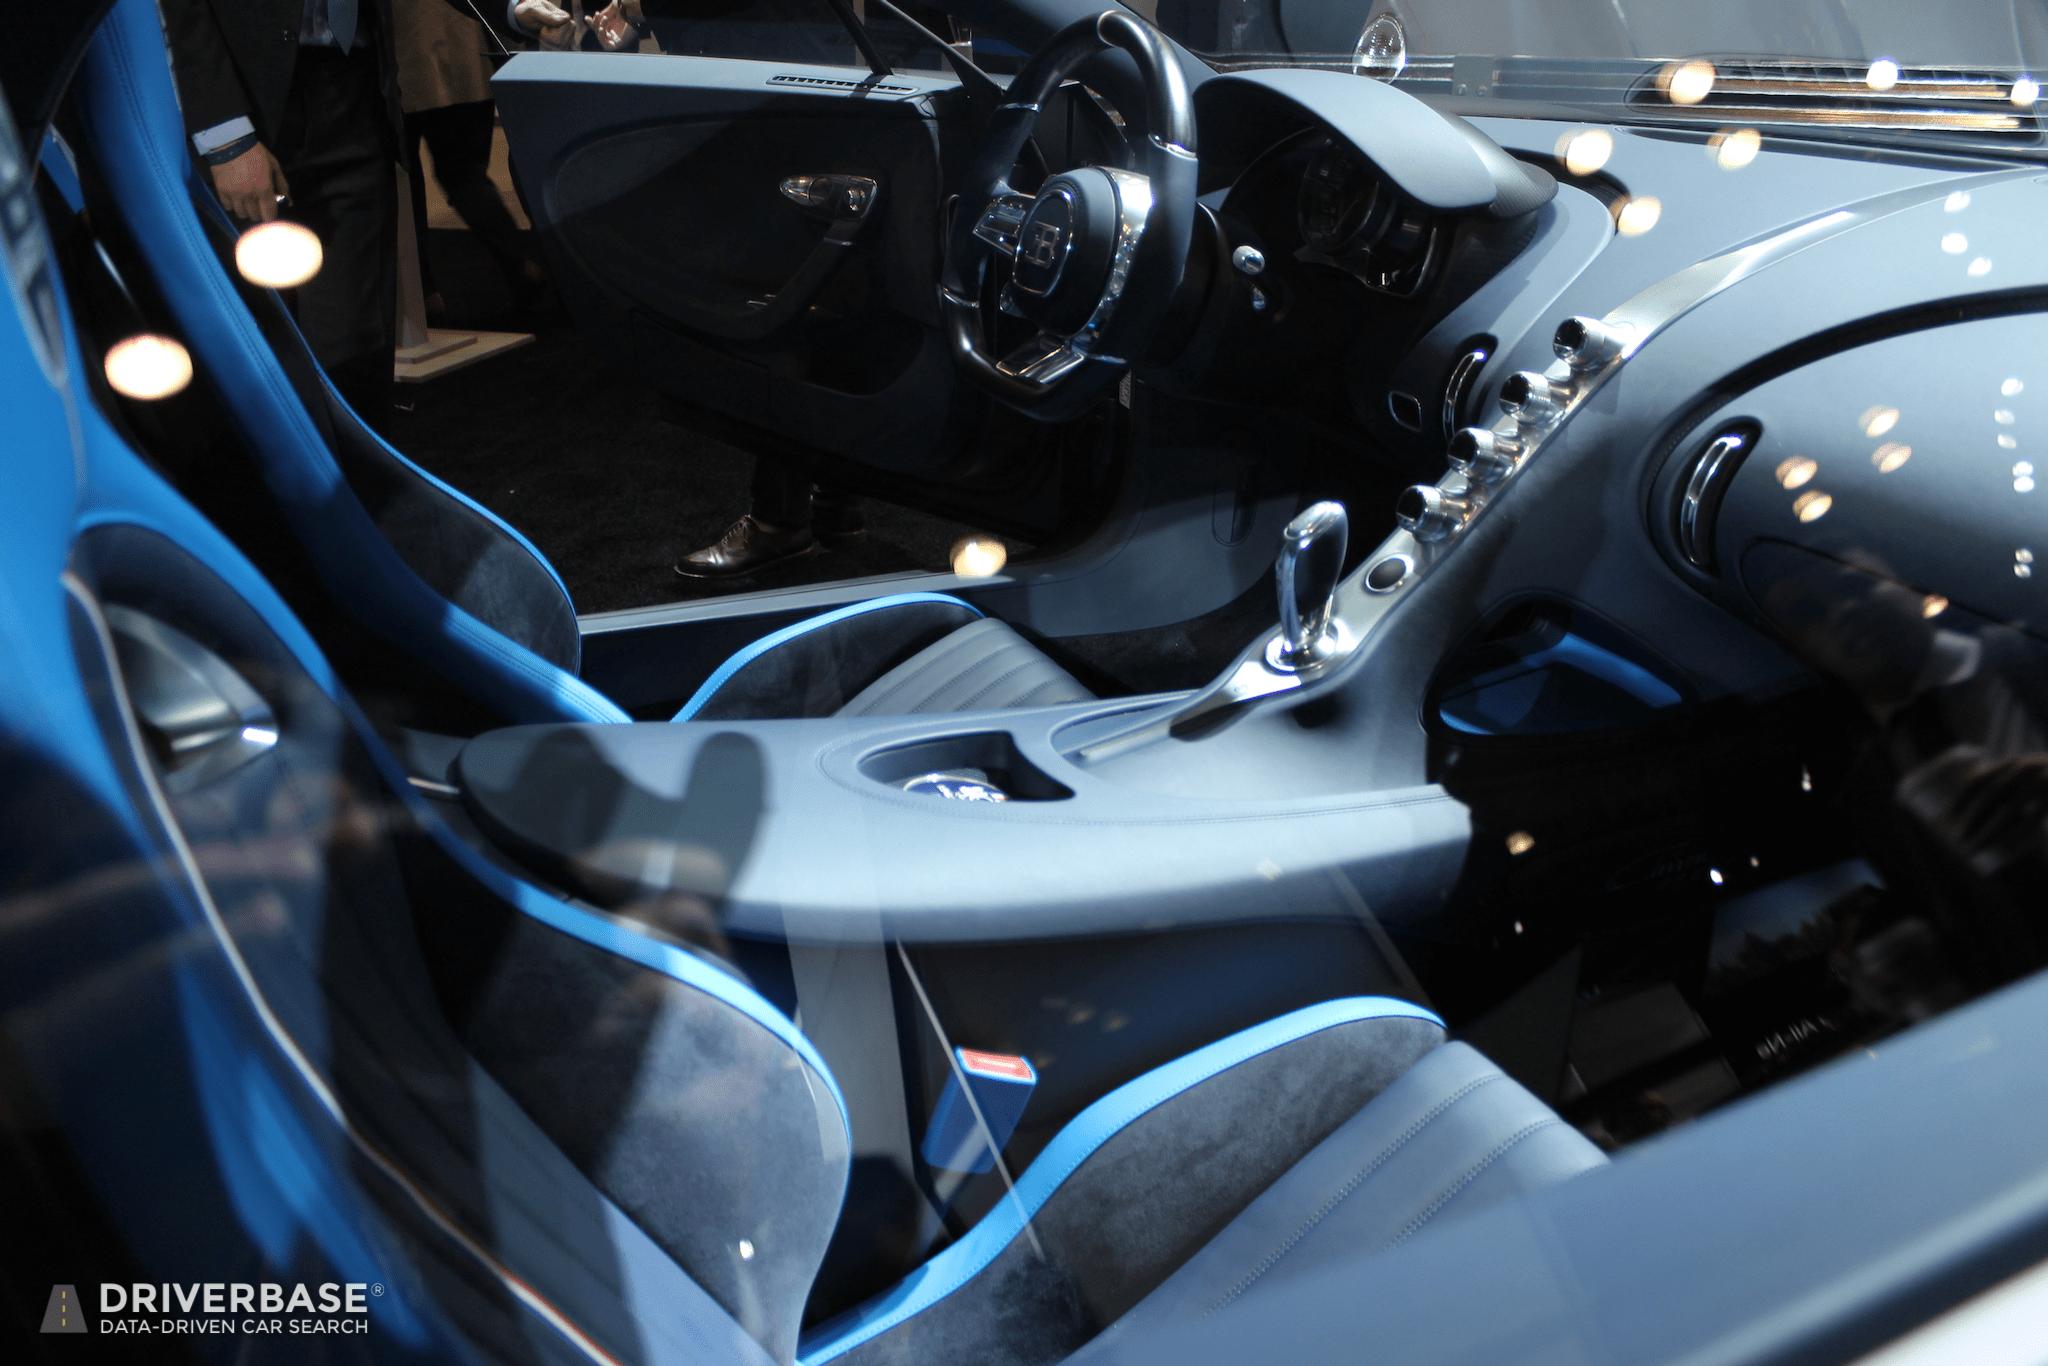 2020 Bugatti Chiron Sport 110 Ans Bugatti At The 2019 New York Auto Show Driverbase